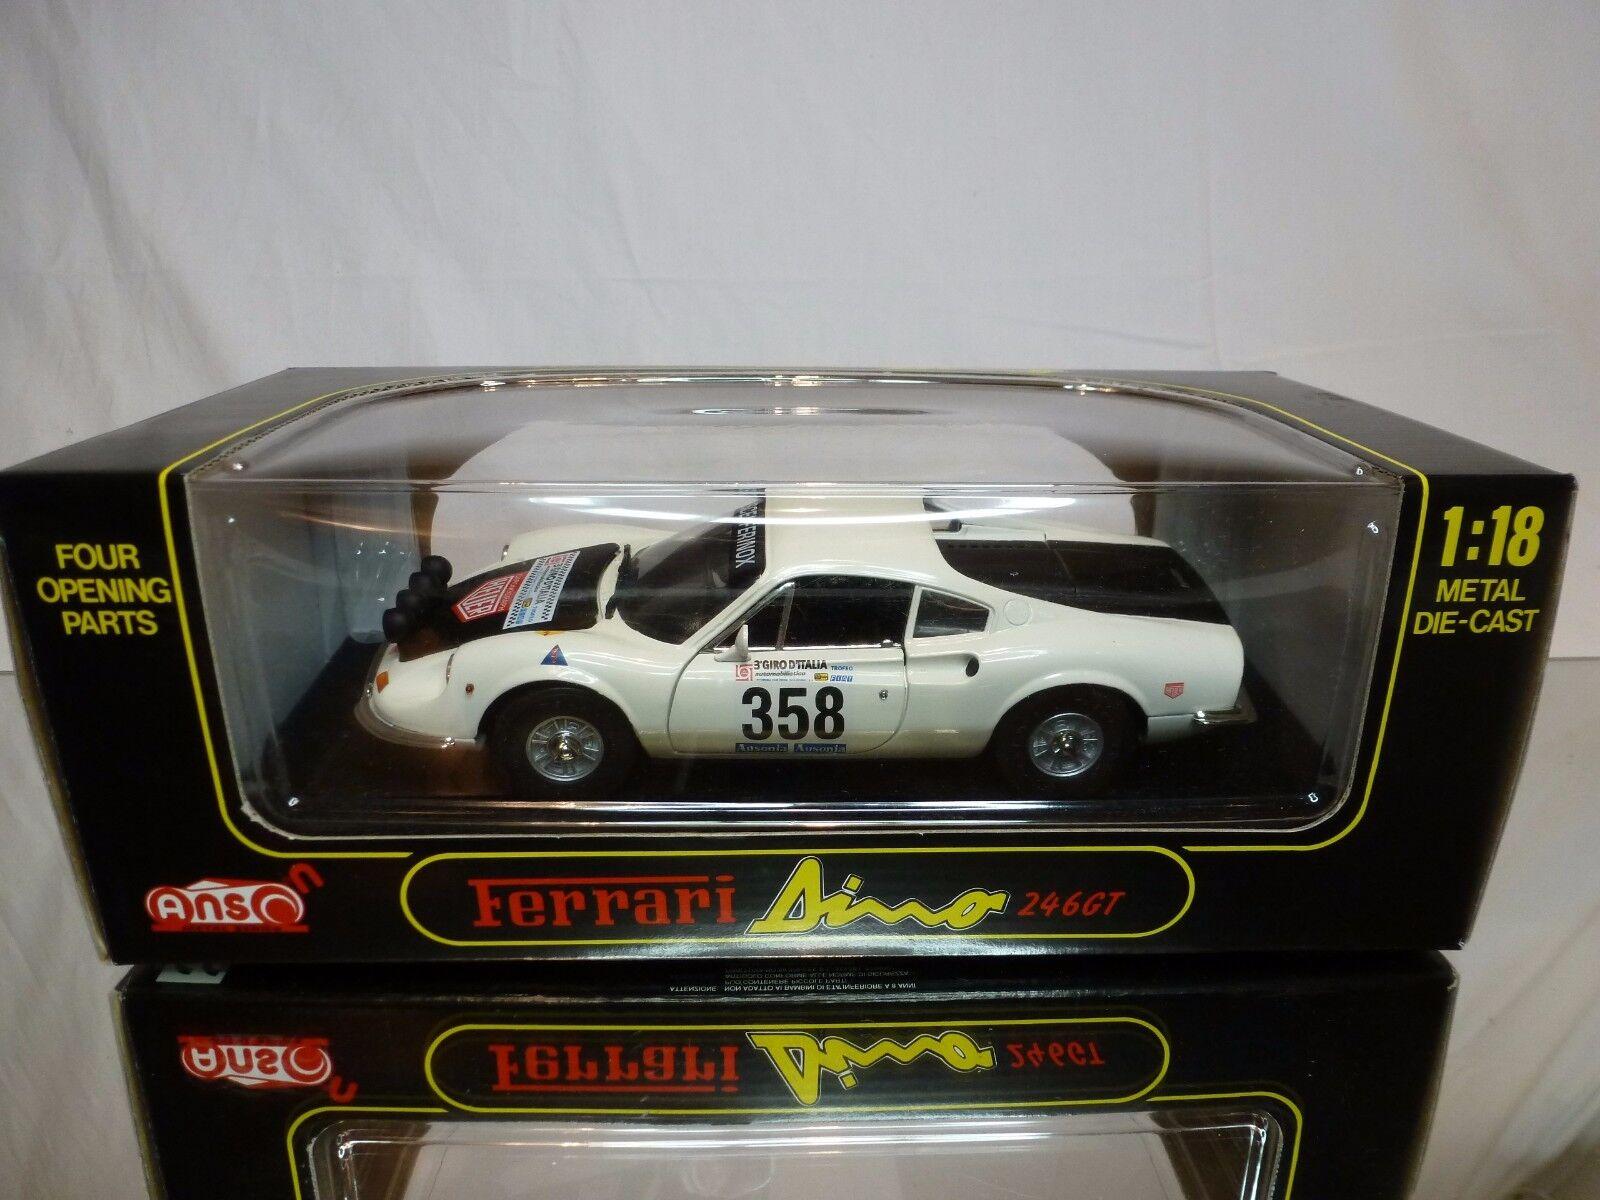 ANSON 30359 FERRARI DINO 246 GT - GIRO d'ITALIA  18 - EXCELLENT IN BOX